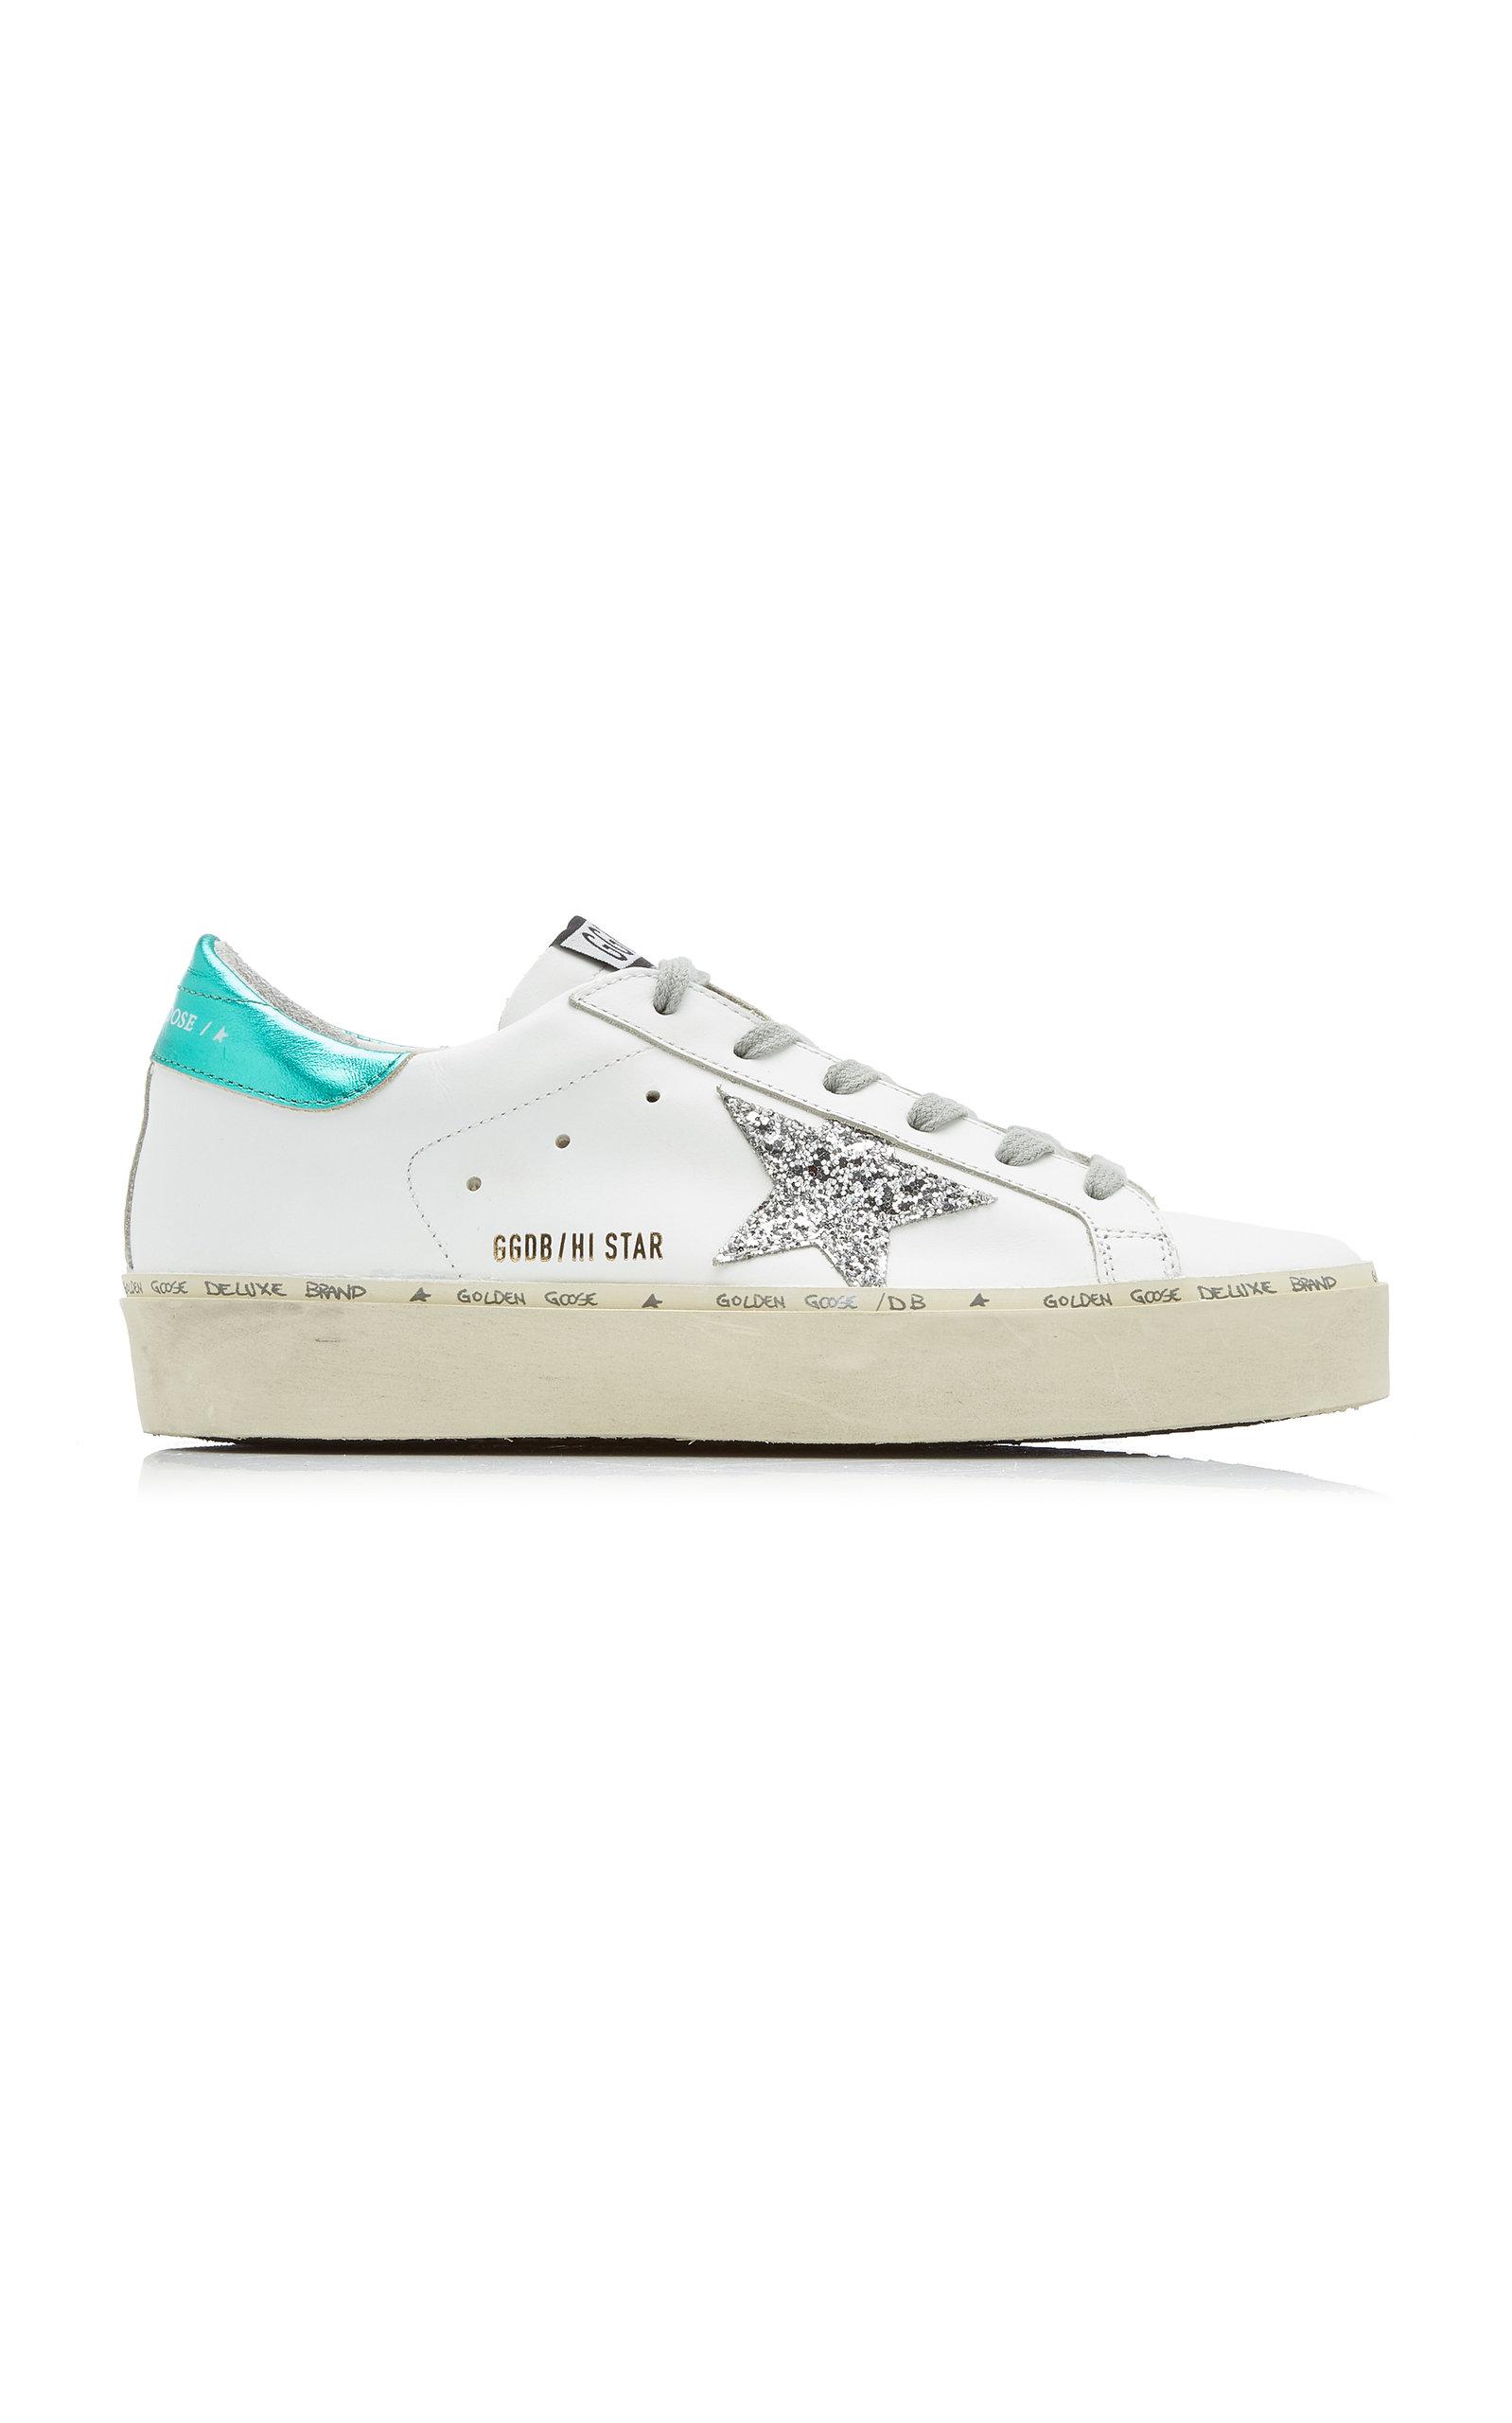 Golden Goose - Women's Hi Star Glitter-Detail Leather Sneakers - White - Moda Operandi